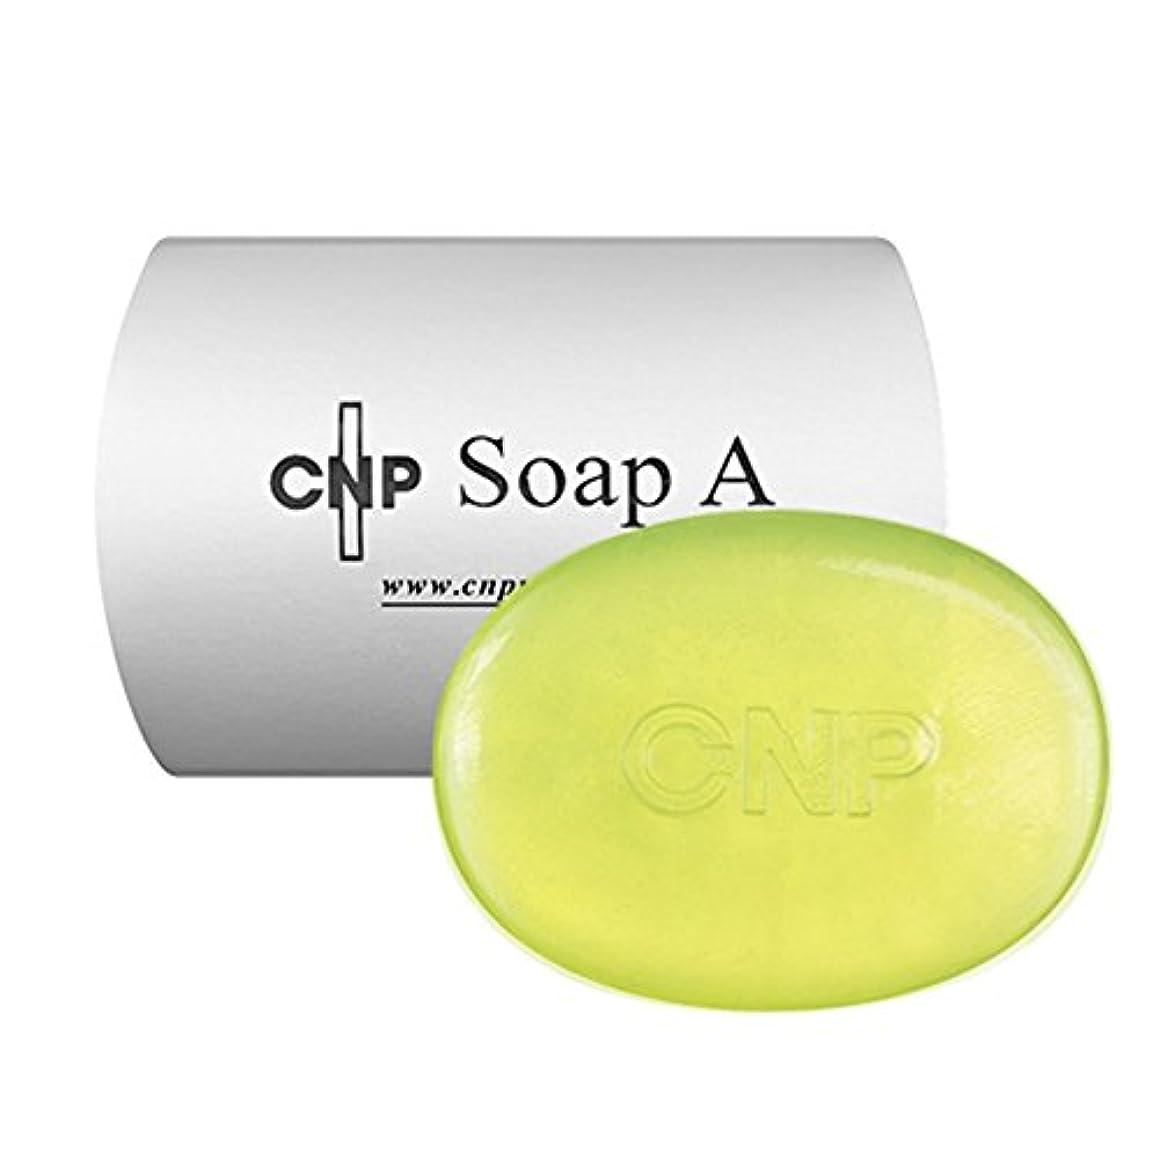 大理石北方最少CNP Soap A チャアンドパク ソープ A [並行輸入品]